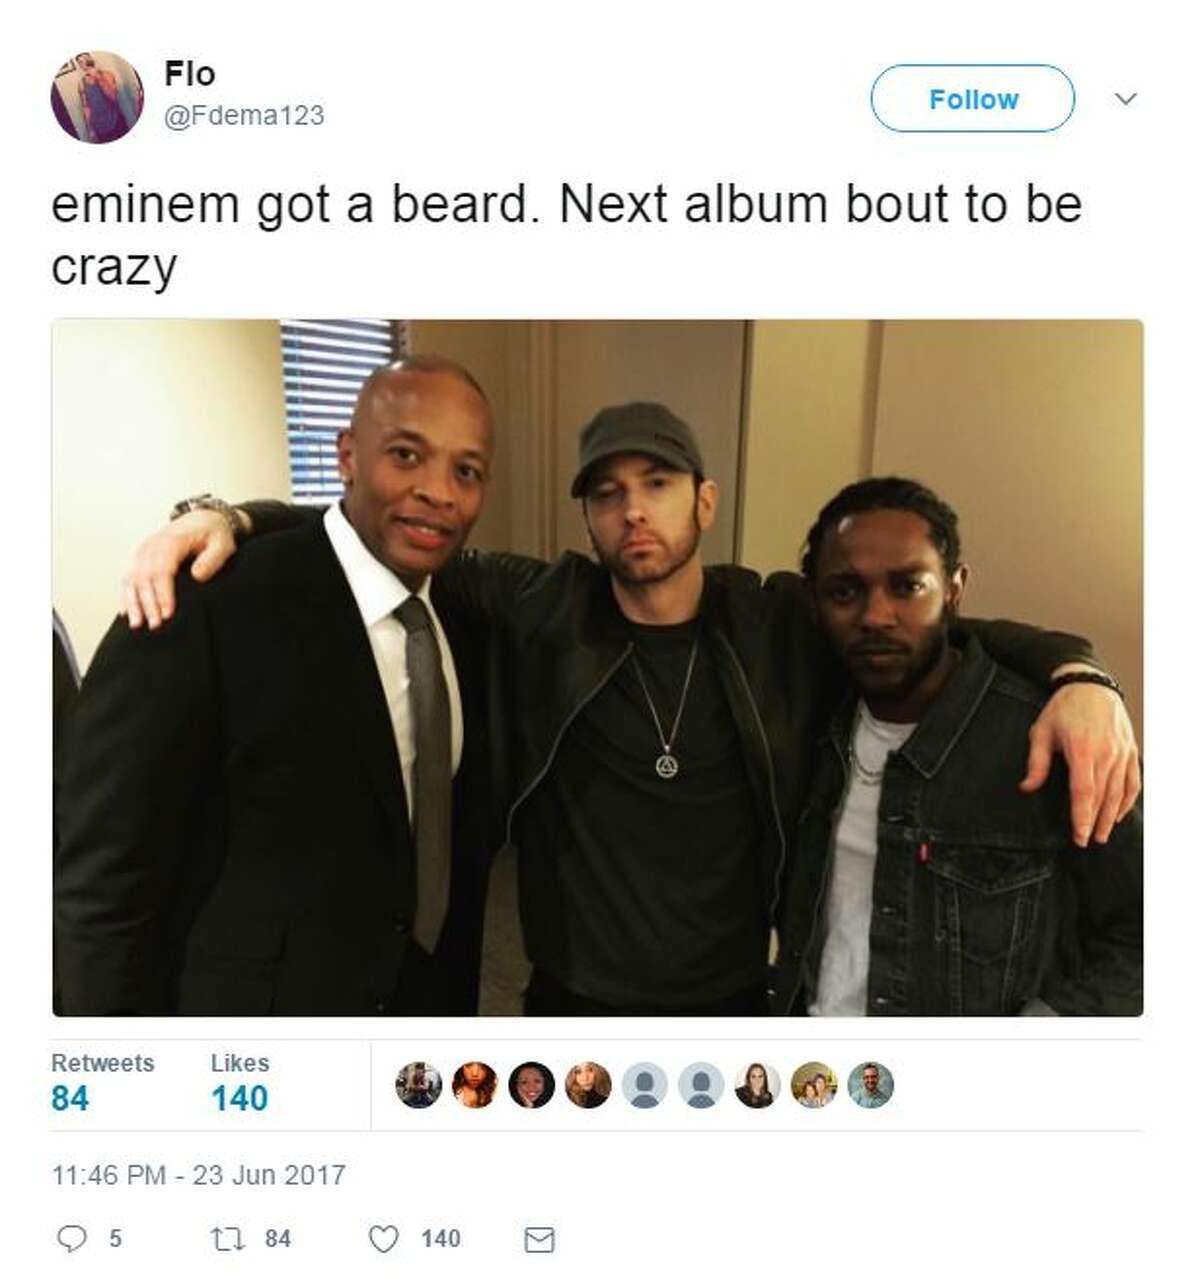 Eminem got a beard, next album about to be crazy.